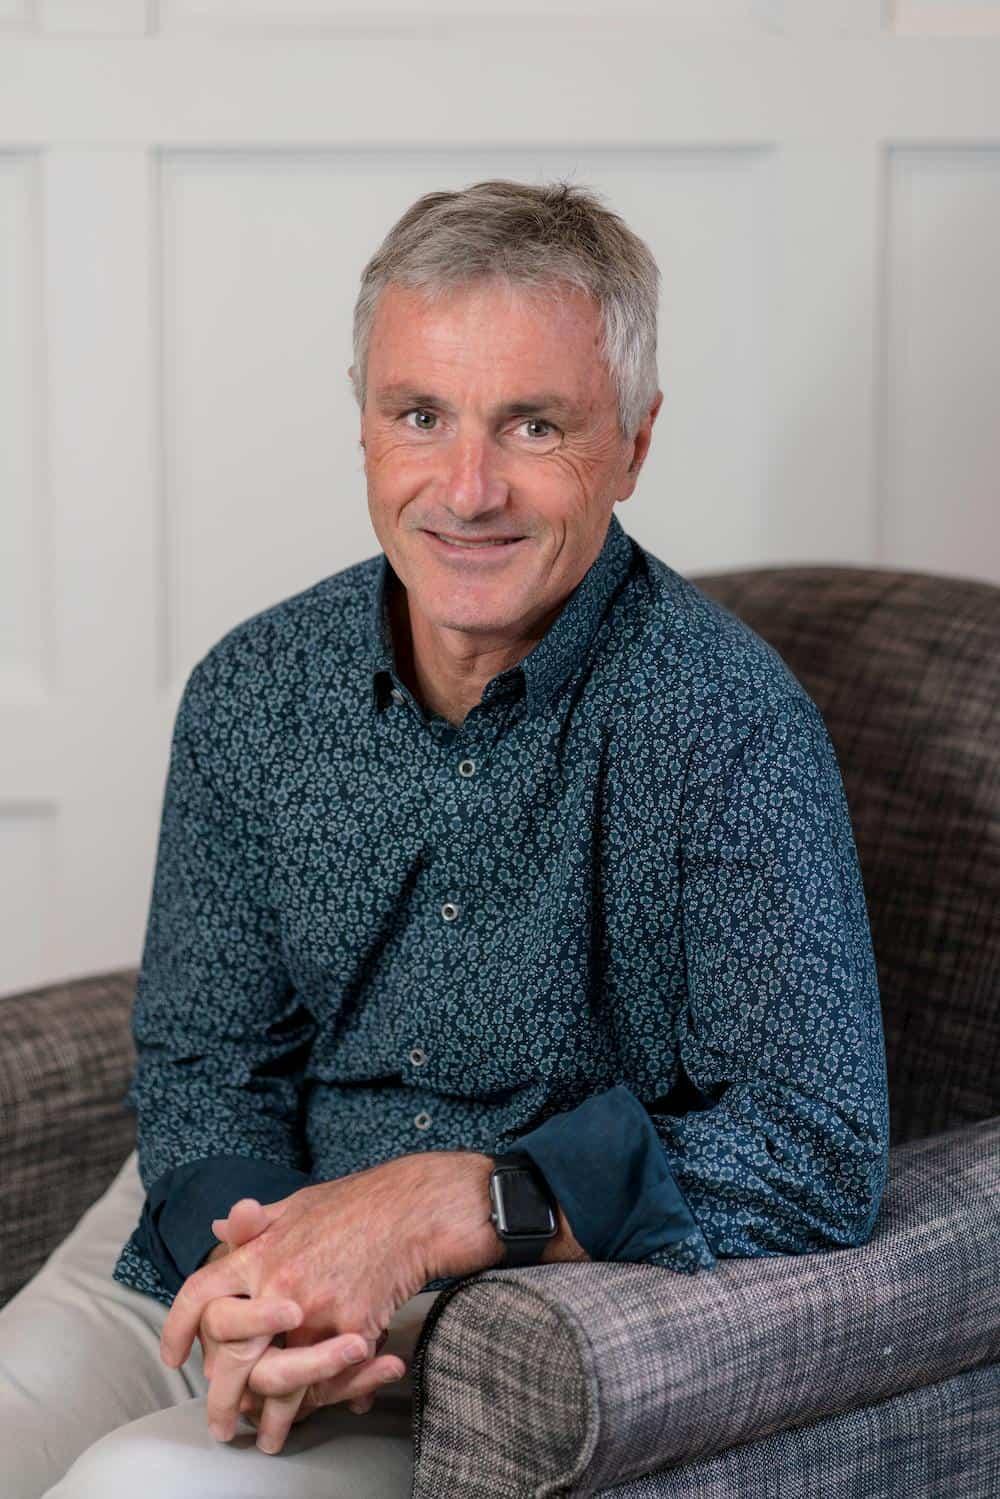 Portrait of Peter Gartlan - Deputy President of Hobart City Mission's Board